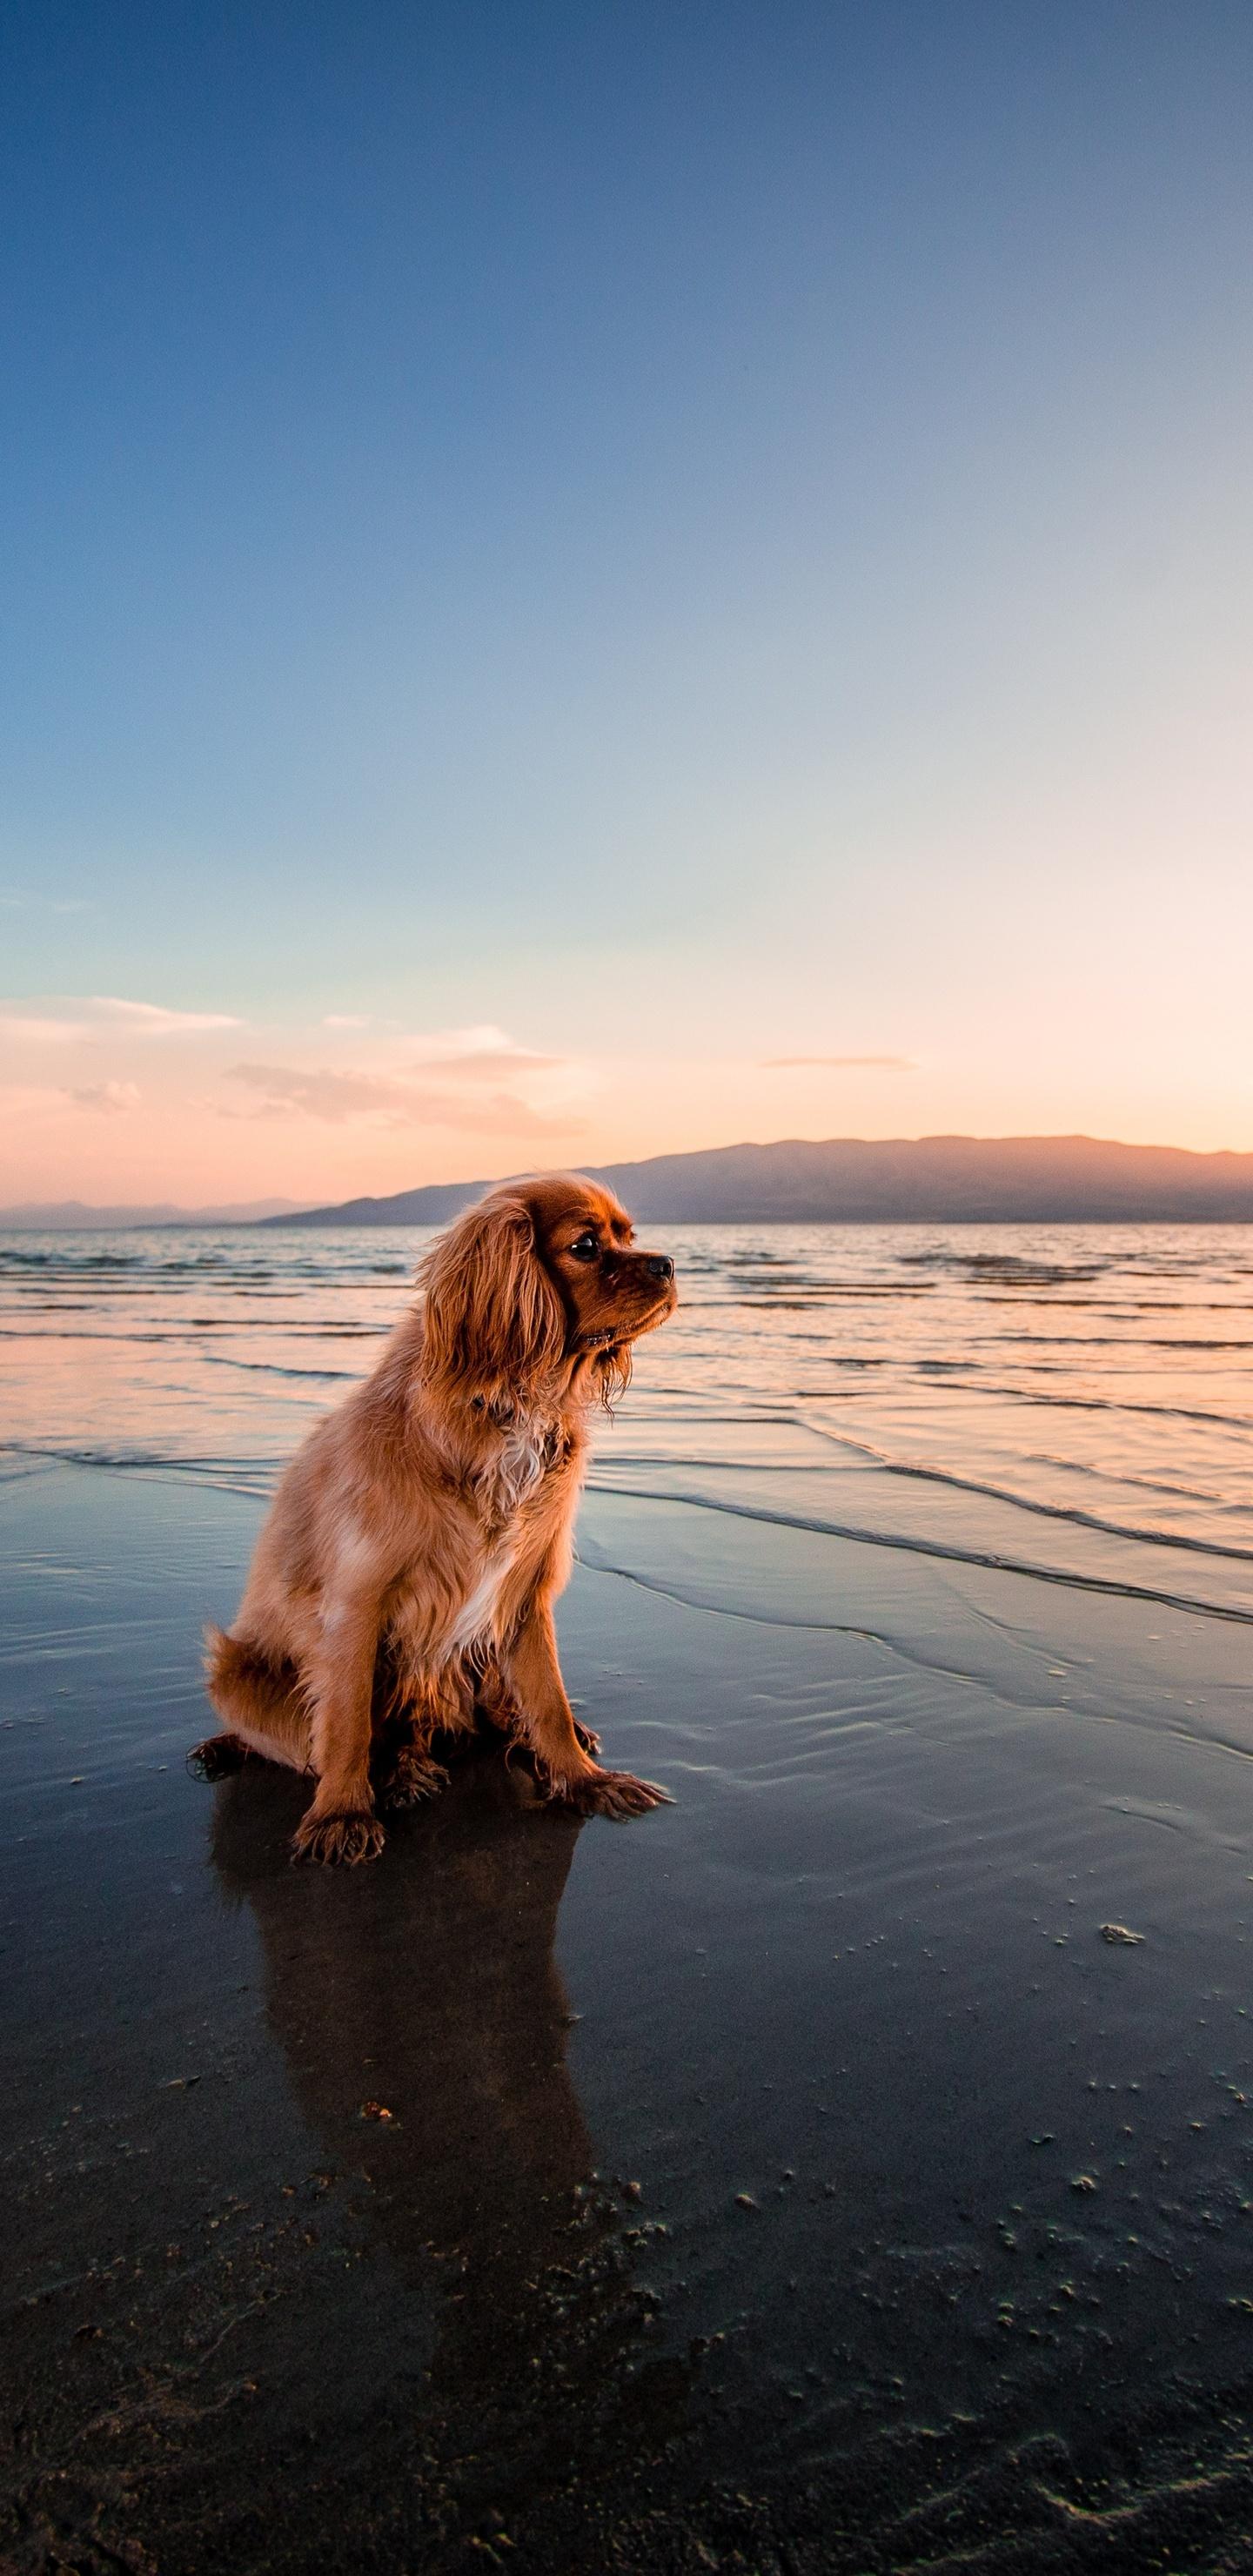 sunrise-dog-ocean-5k-vh.jpg